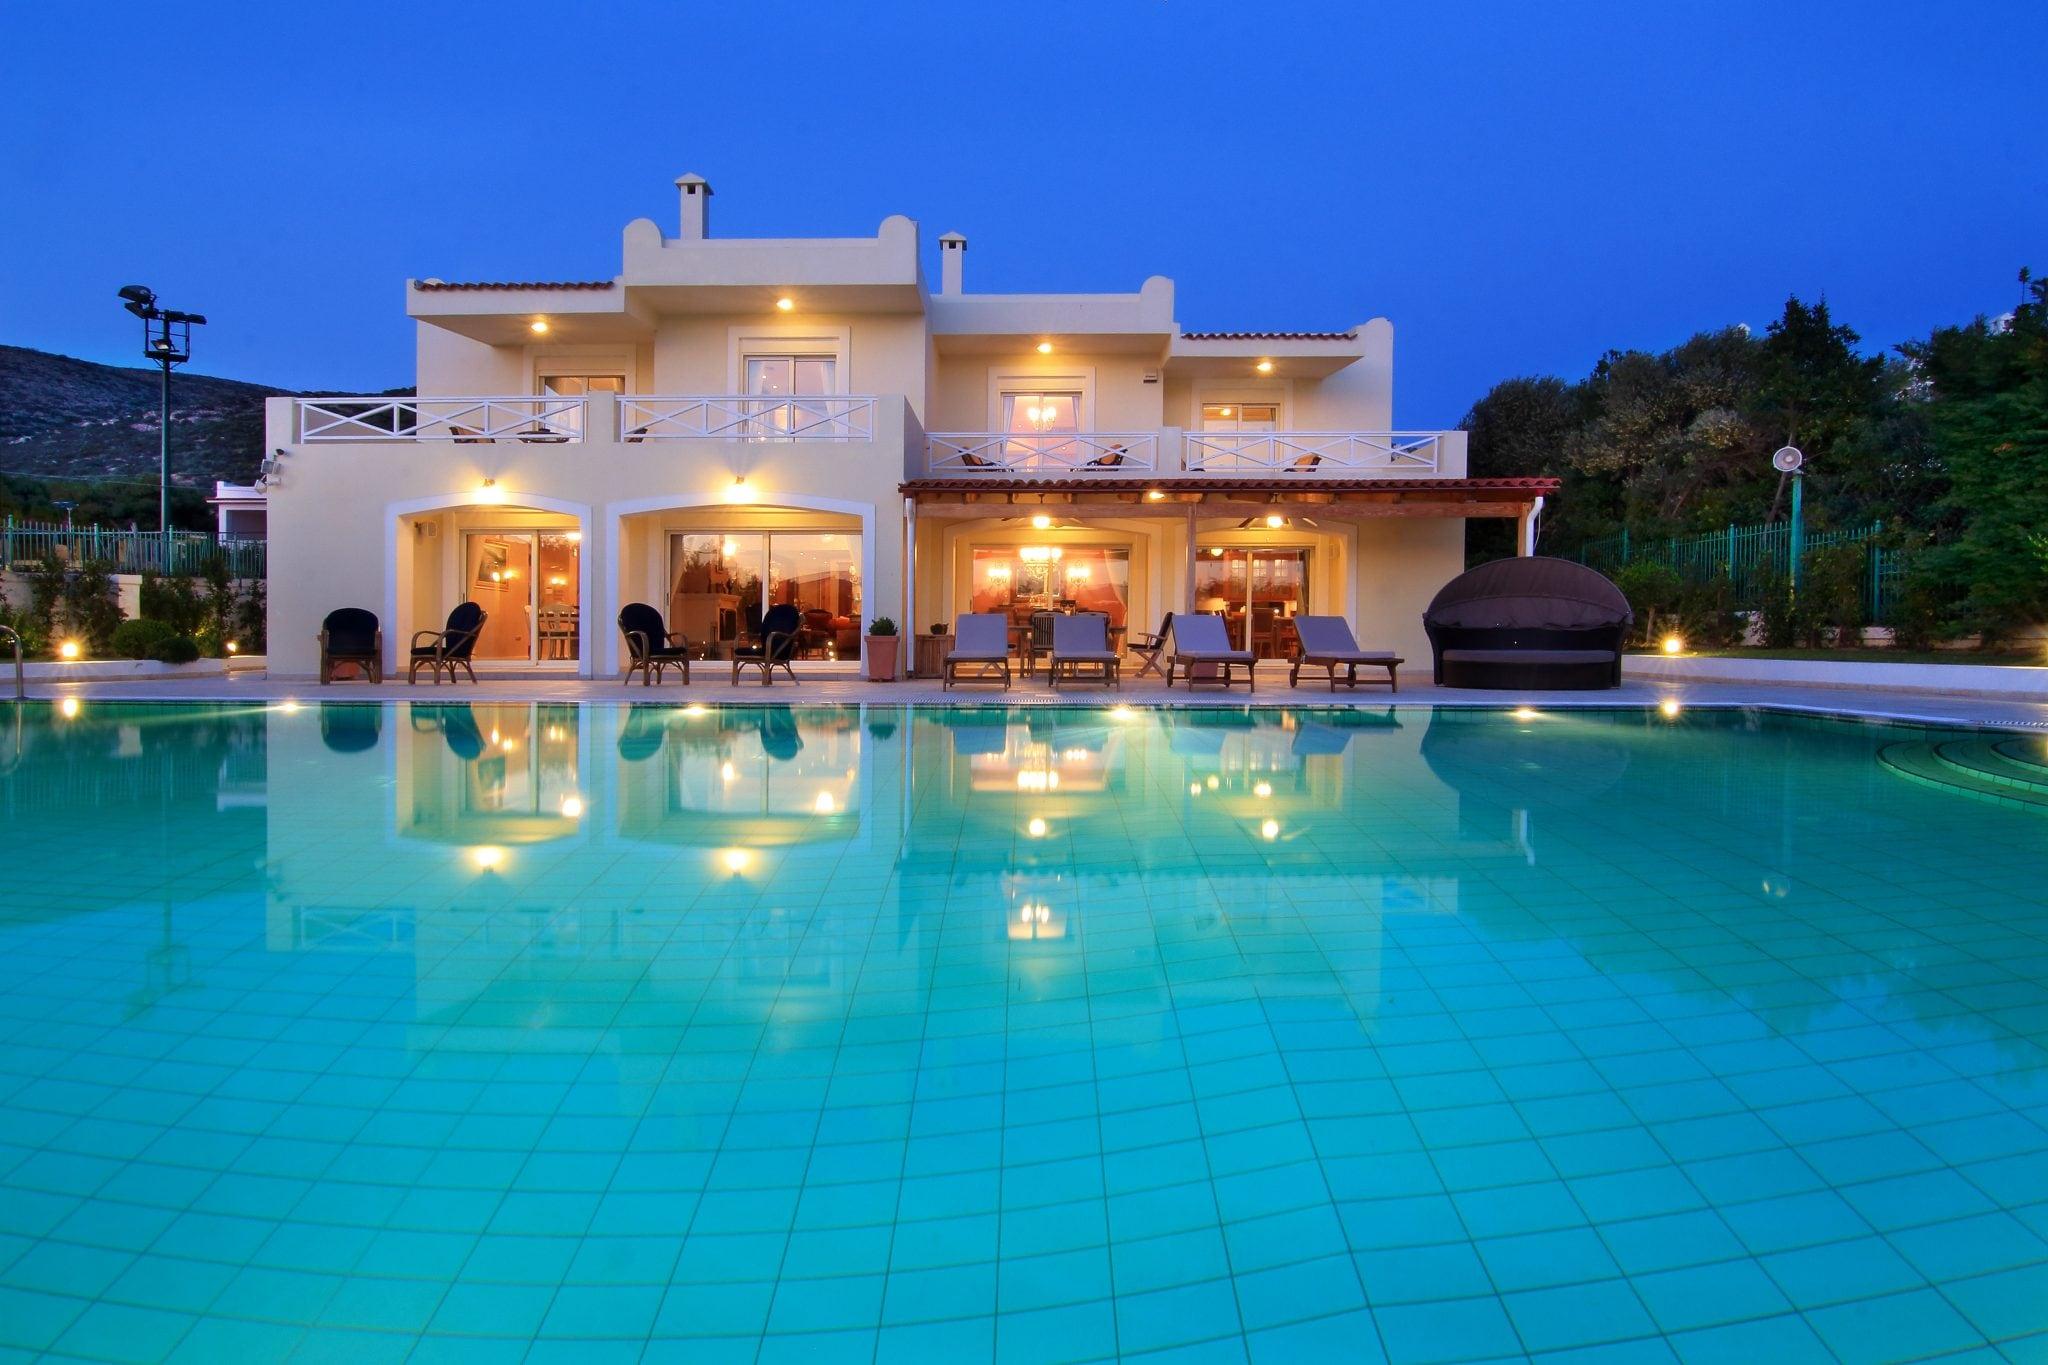 Casa, Saronida - Ref GR-4641